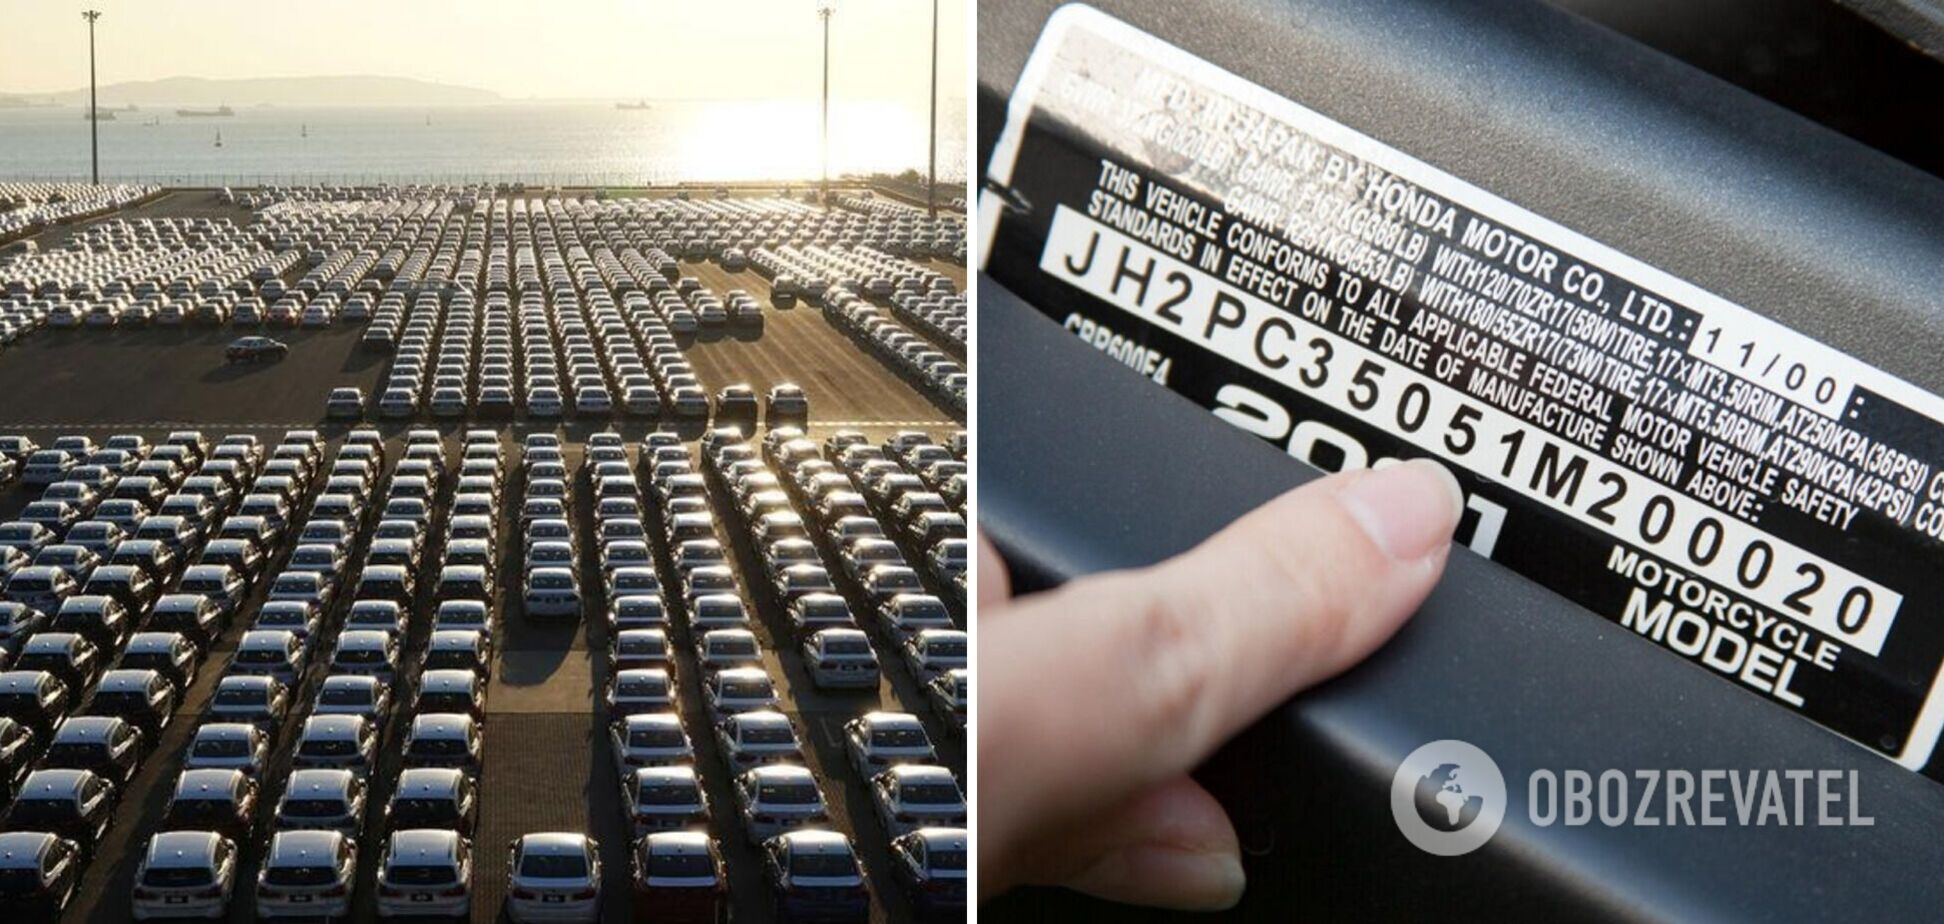 МВД открыло VIN-коды зарегистрированных автомобилей: что это дает